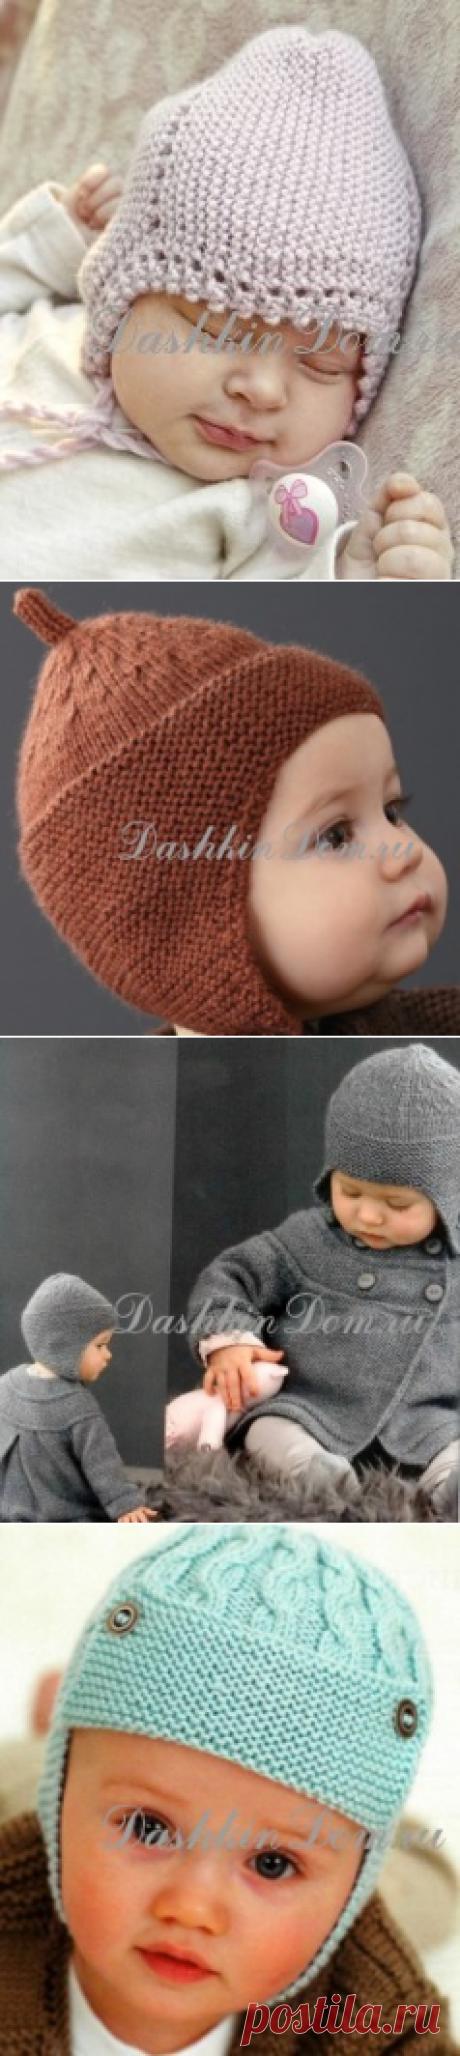 Шапочка для новорожденного спицами (14 моделей с описанием) | Дашкин Дом